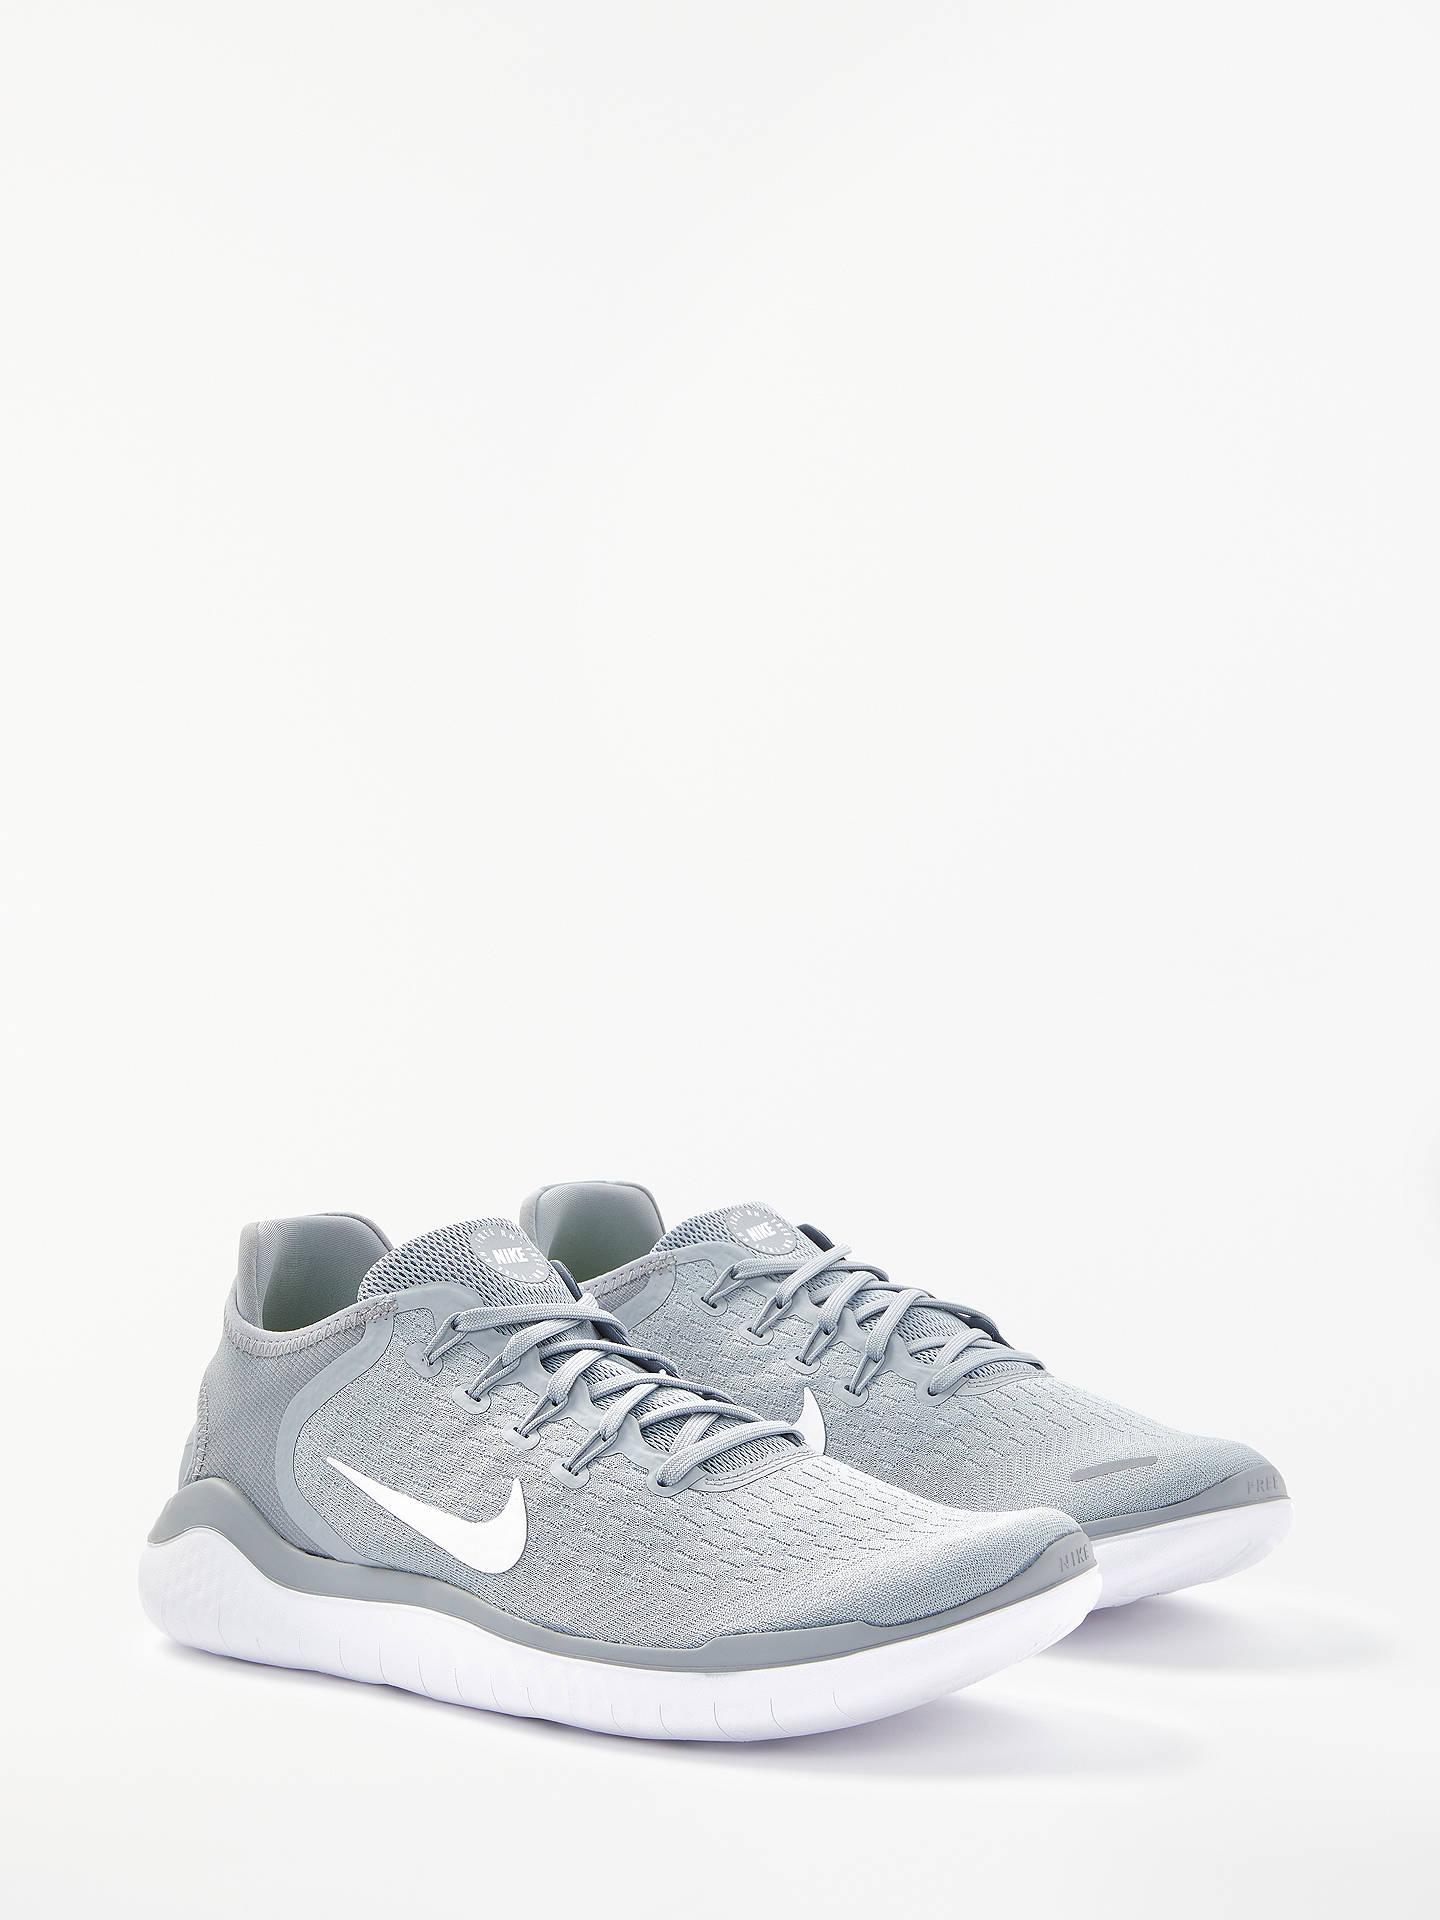 11975986cefa ... Buy Nike Free RN 2018 Men s Running Shoe